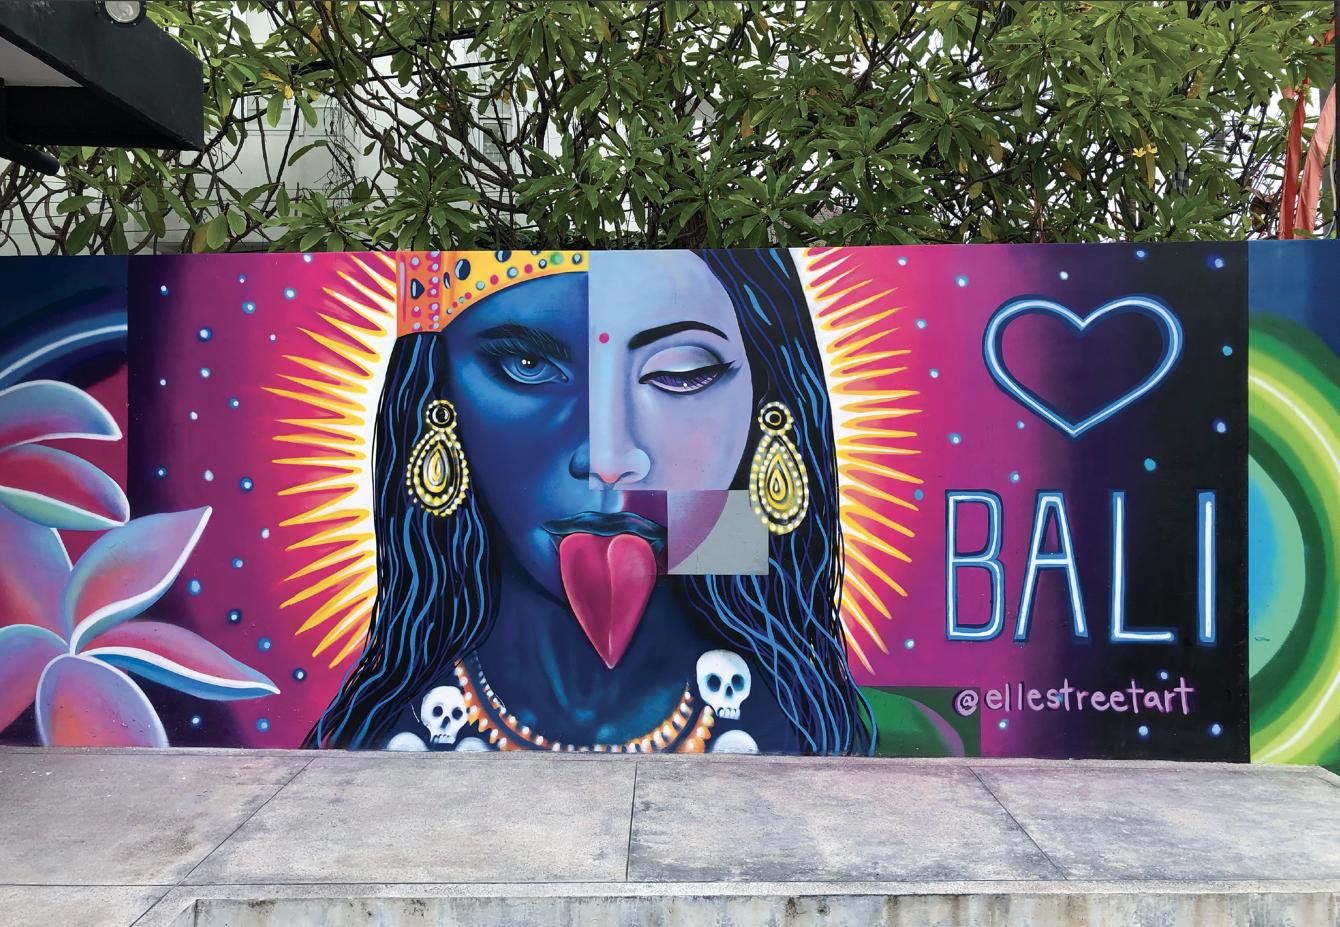 BALINOIR by ELLE